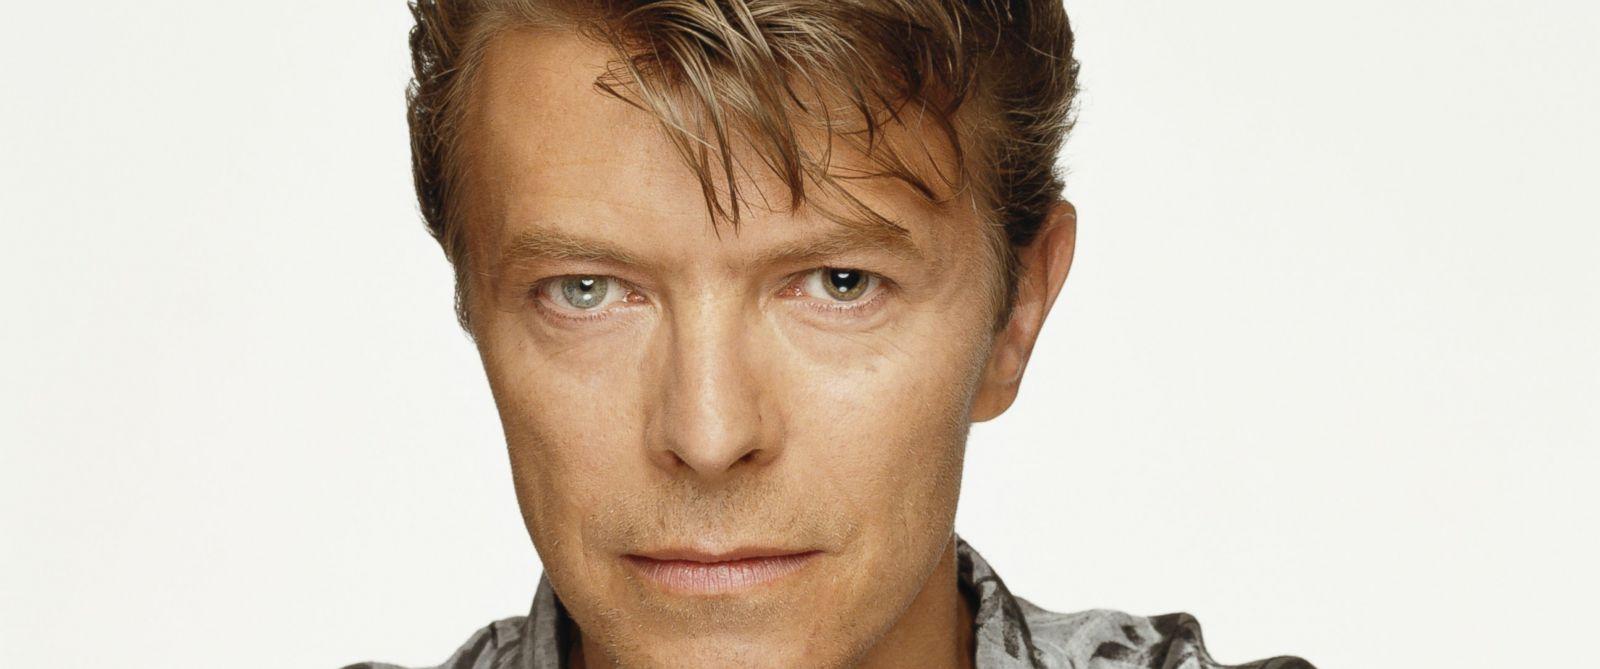 PHOTO: British singer David Bowie, London 1992.